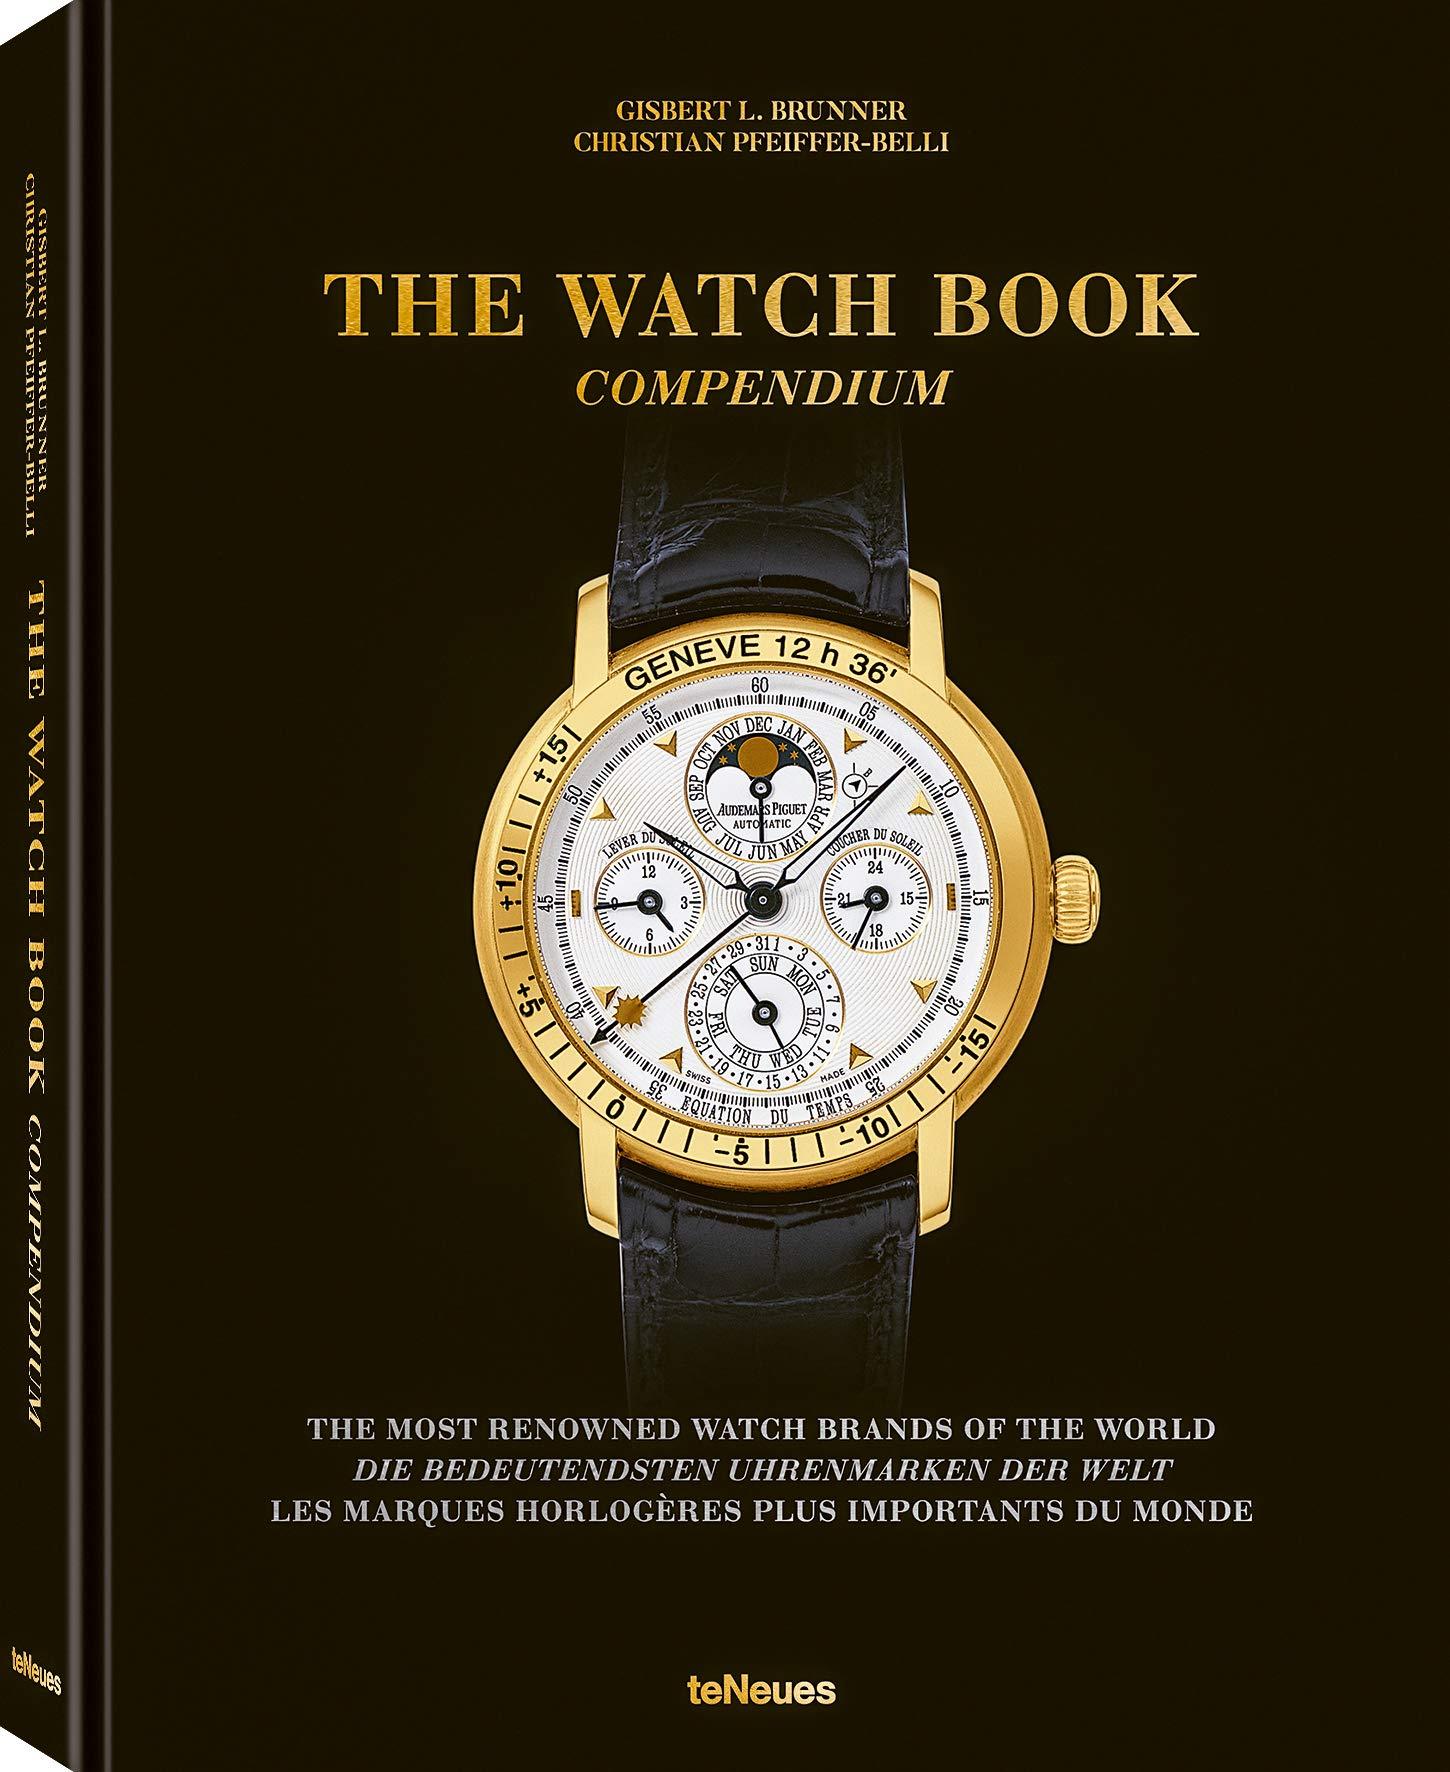 The Watch Book Compendium Lifestyle Gisbert Brunner Christian